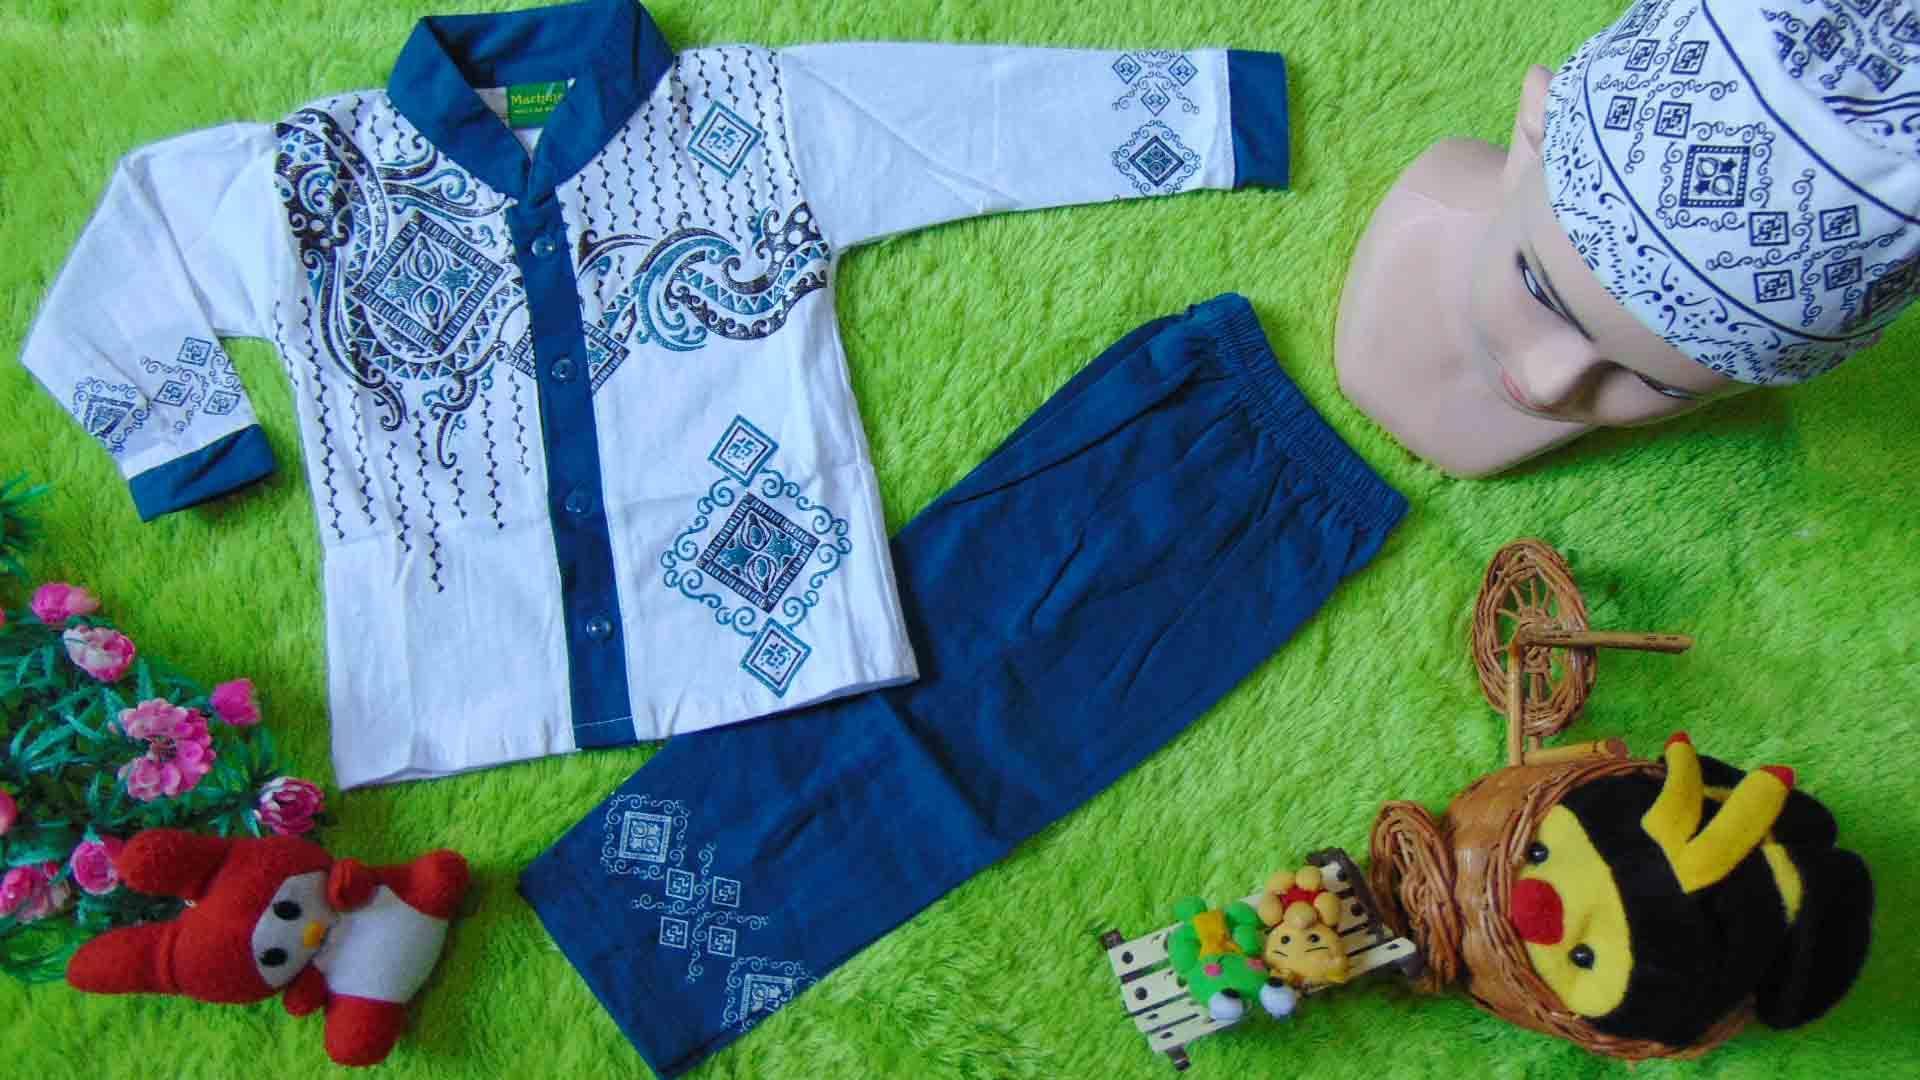 kembarshop - PLUS PECI setelan baju koko muslim anak bayi laki-laki cowok newborn 0